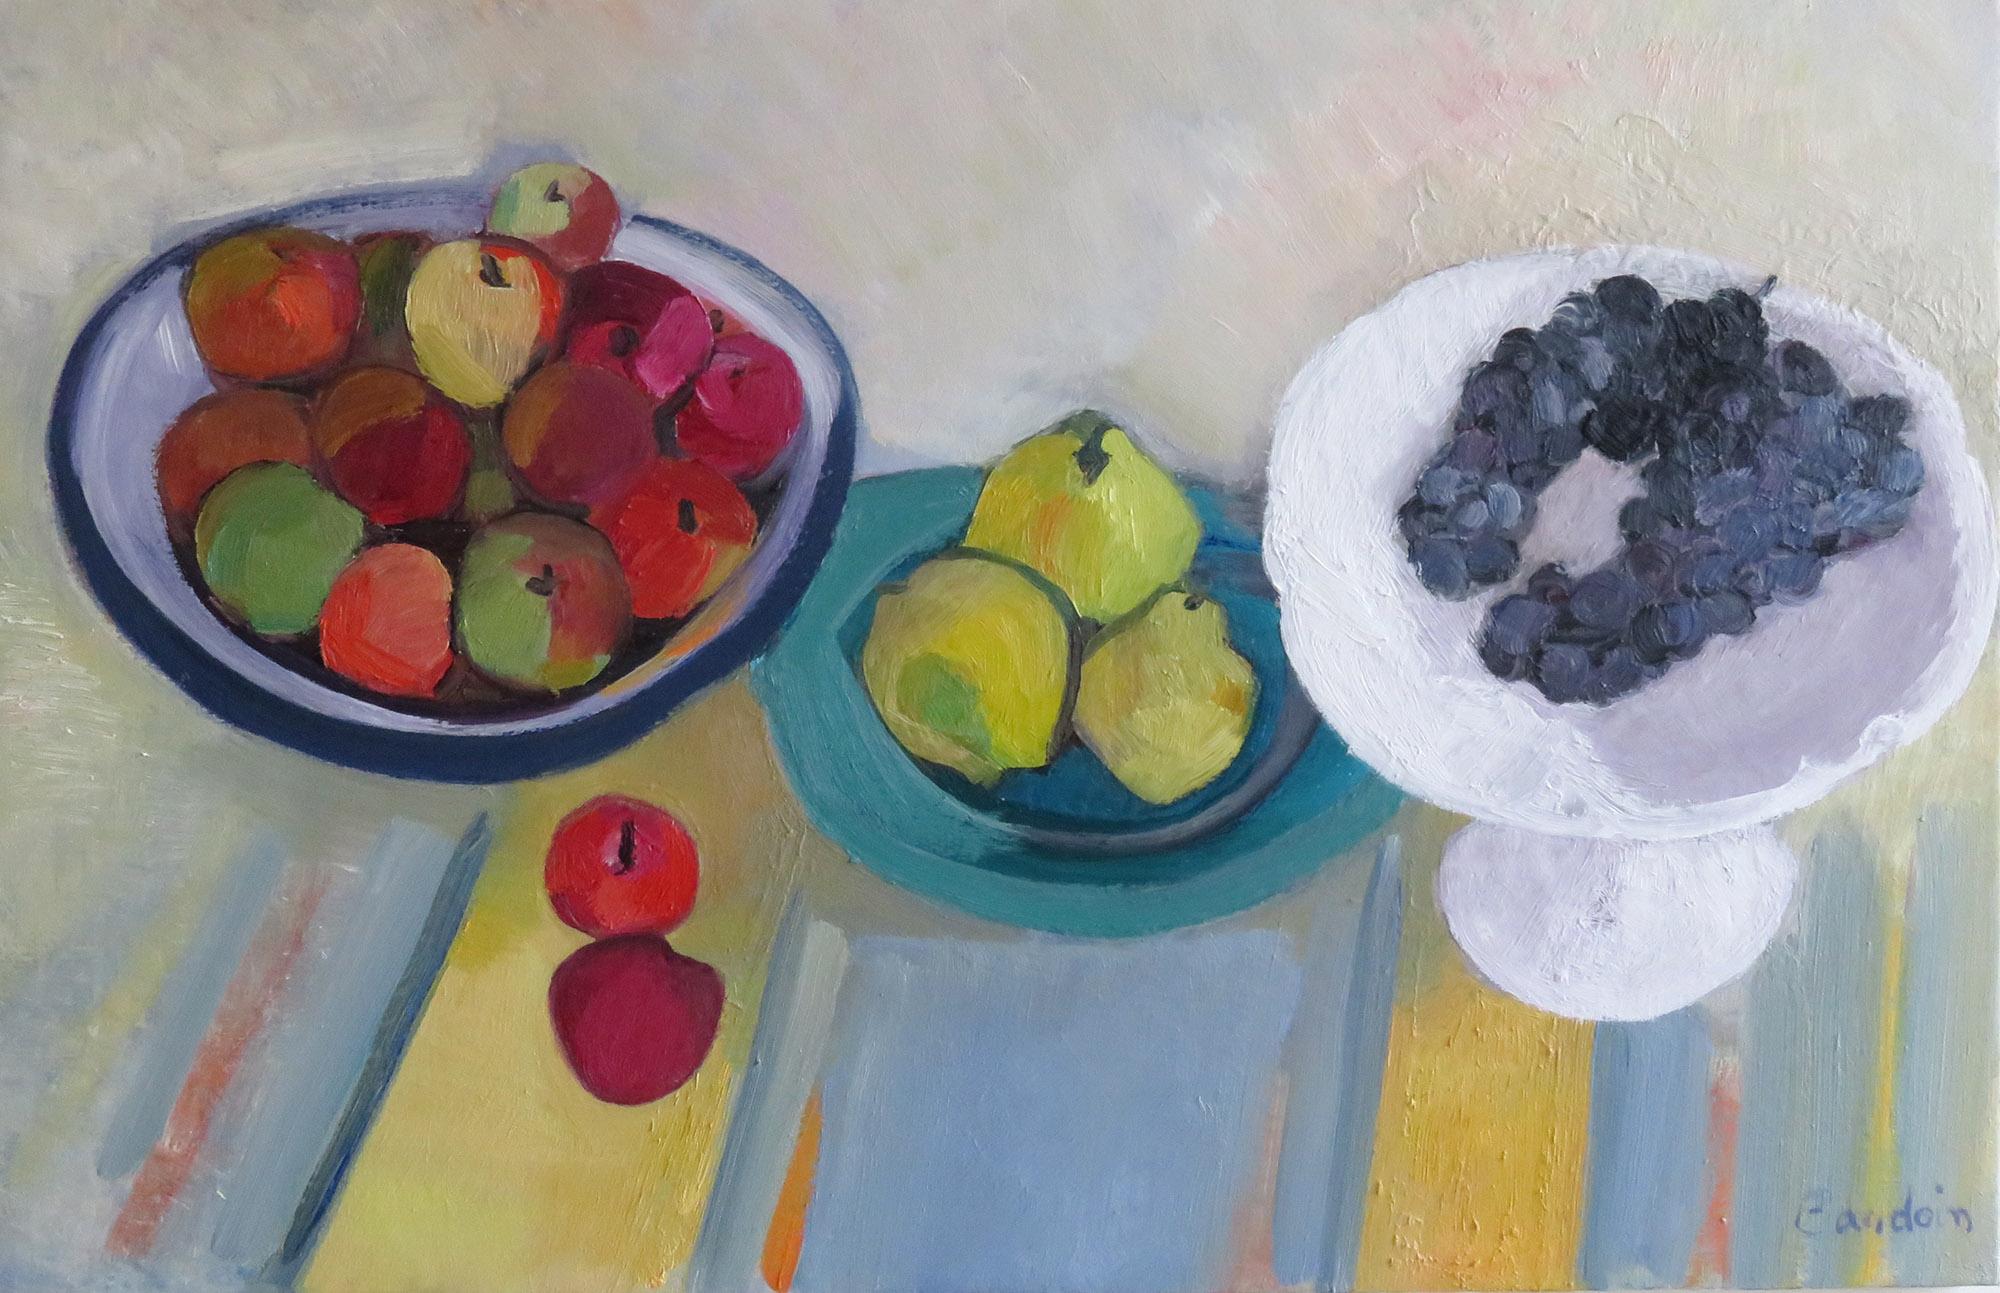 Fruits d'automne sur la nappe à rayures